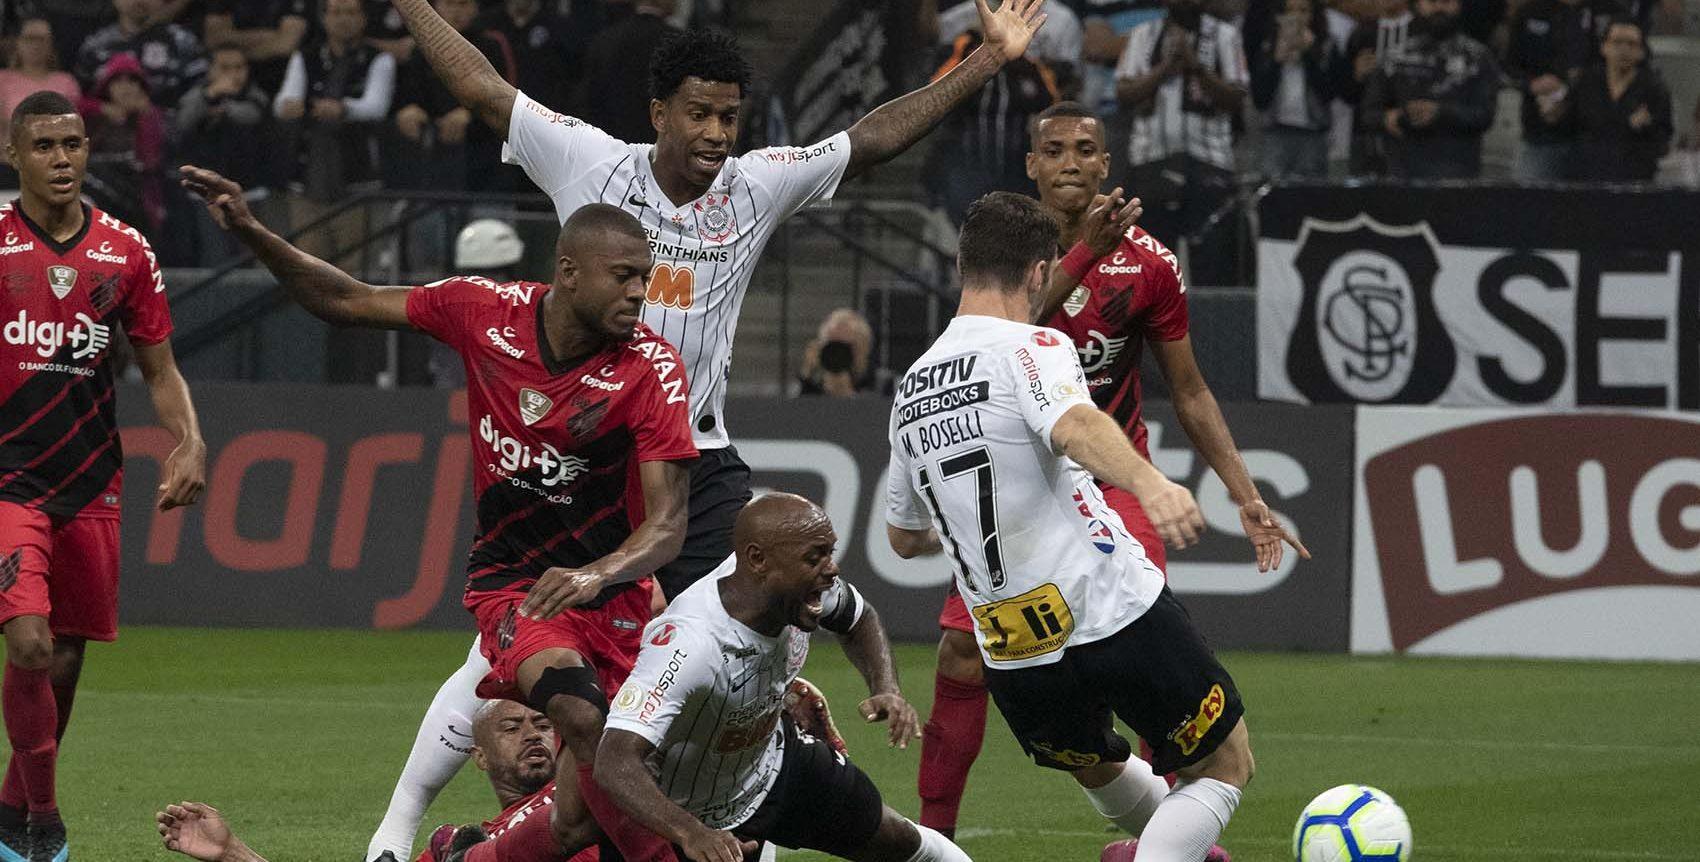 Corinthians E Athletico Pr Empatam Em Jogo Com Quatro Gols No Primeiro Tempo Es360